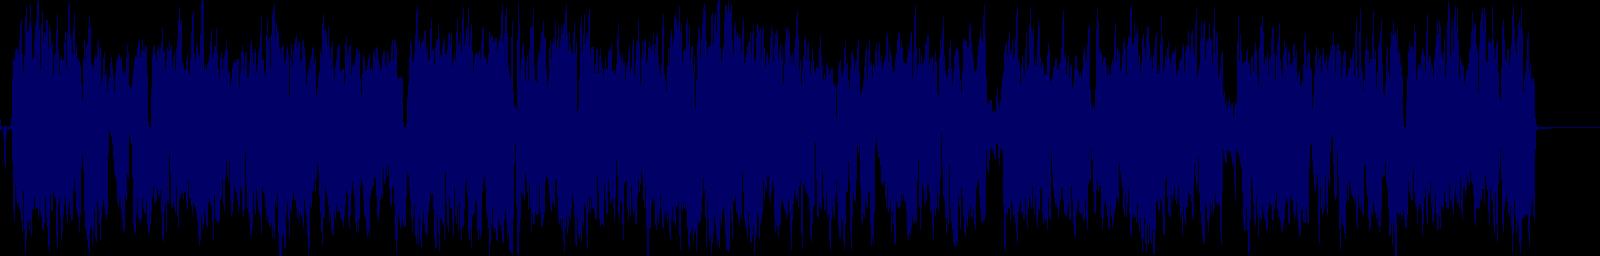 waveform of track #132196